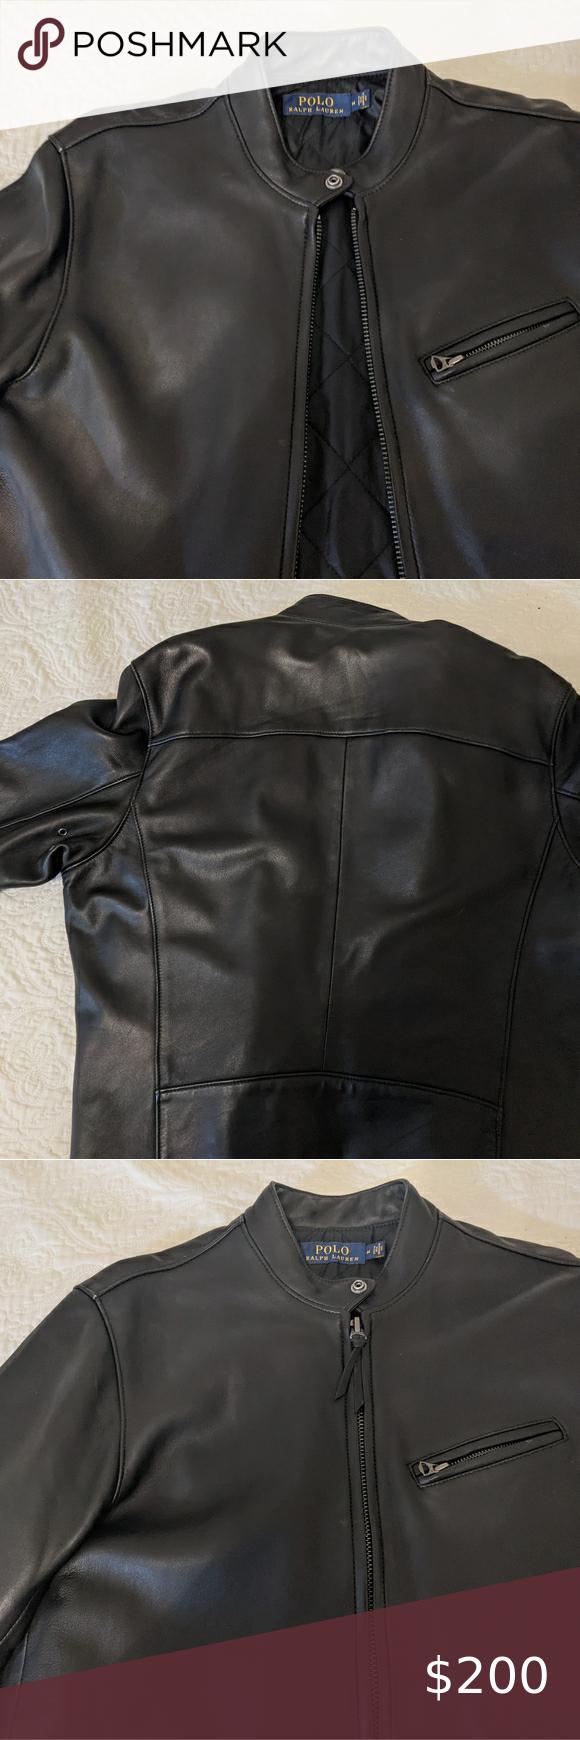 Polo Ralph Lauren Lambskin Leather Jacket M In 2020 [ 1740 x 580 Pixel ]